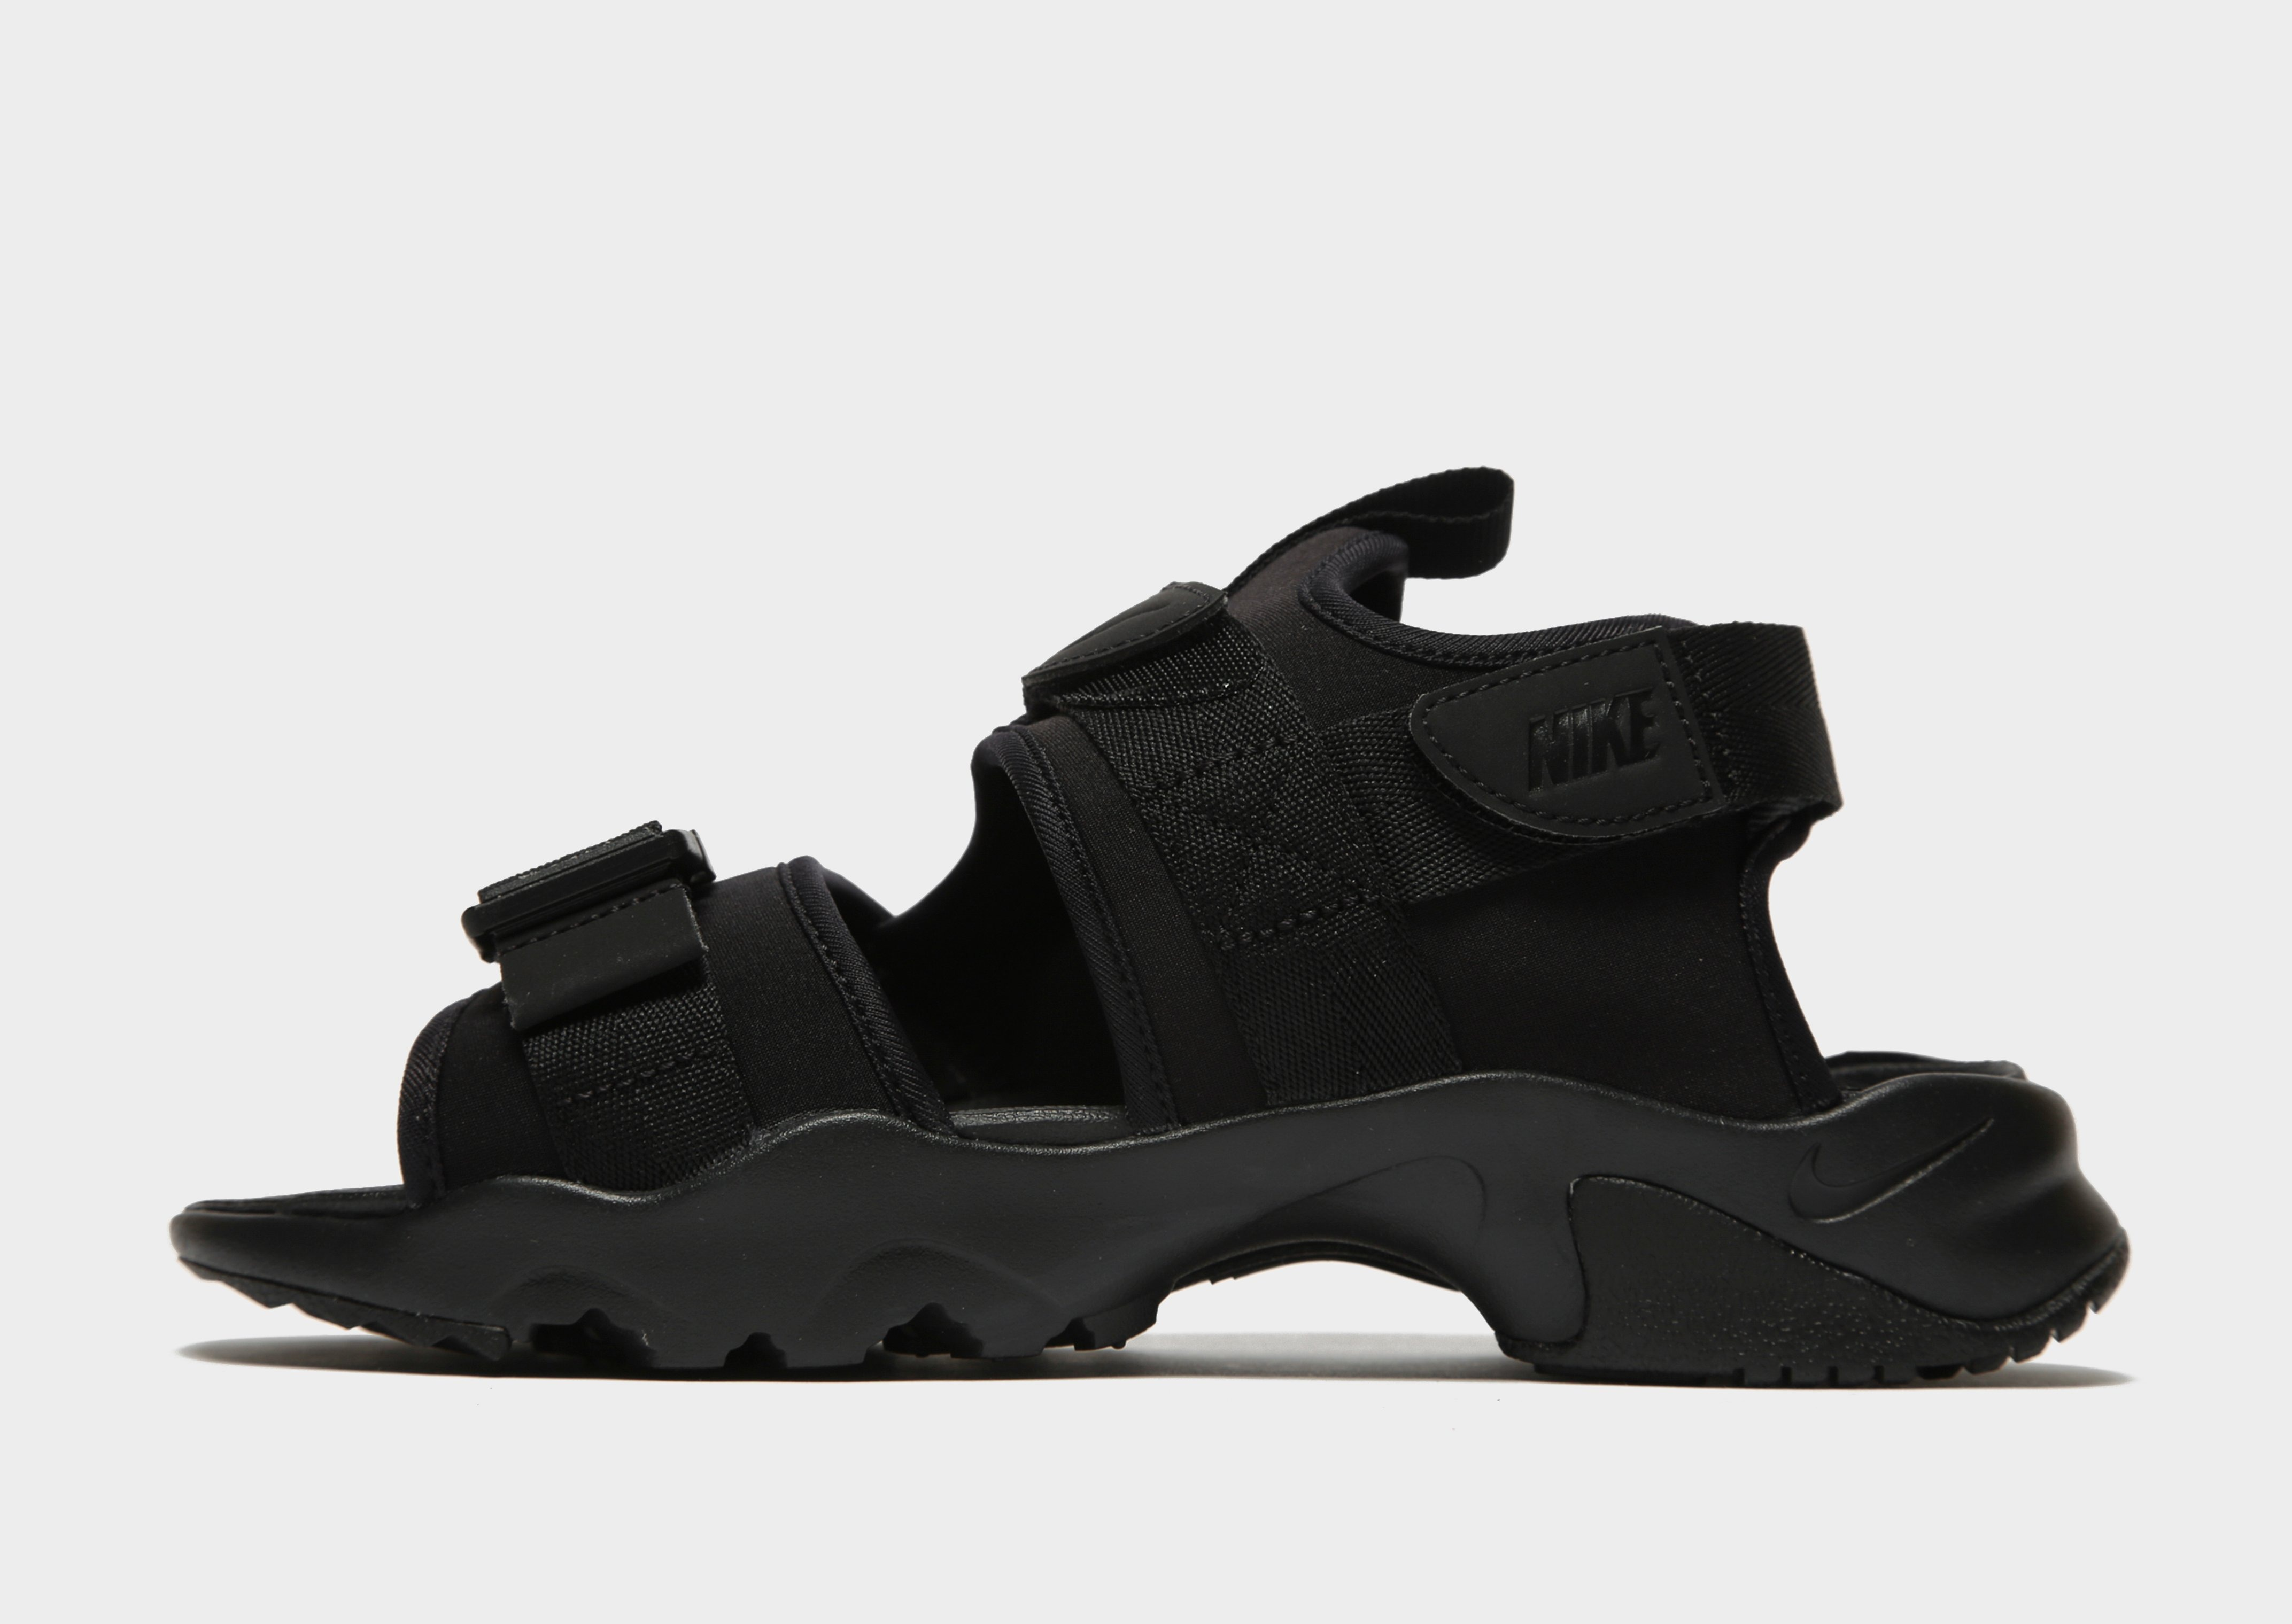 Still in JD sports boys Nike sandals trainers 9.5 Sedgley